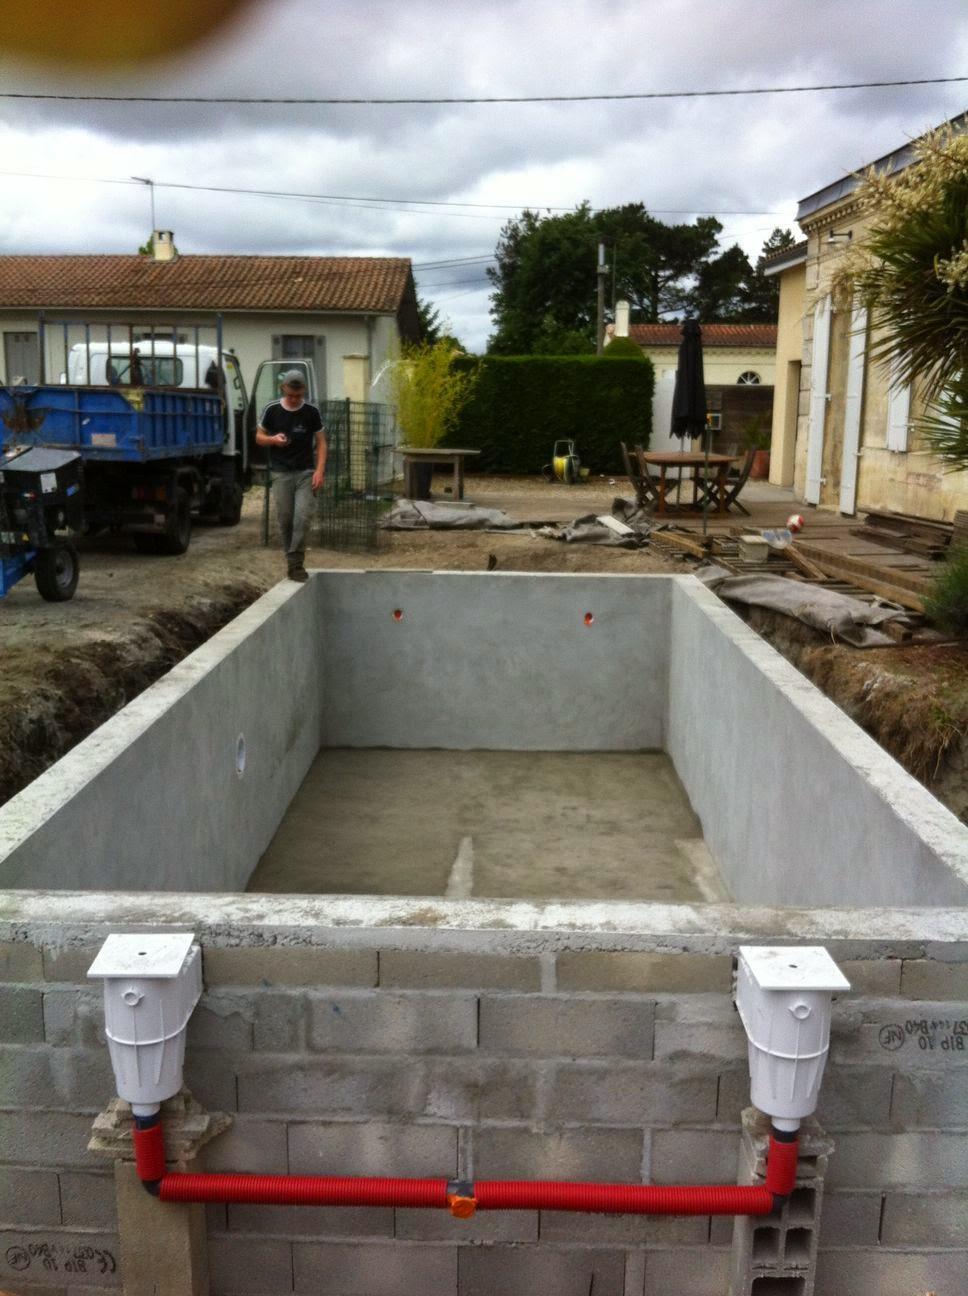 Projet tapes de construction d 39 une piscine en gironde for Construction piscine